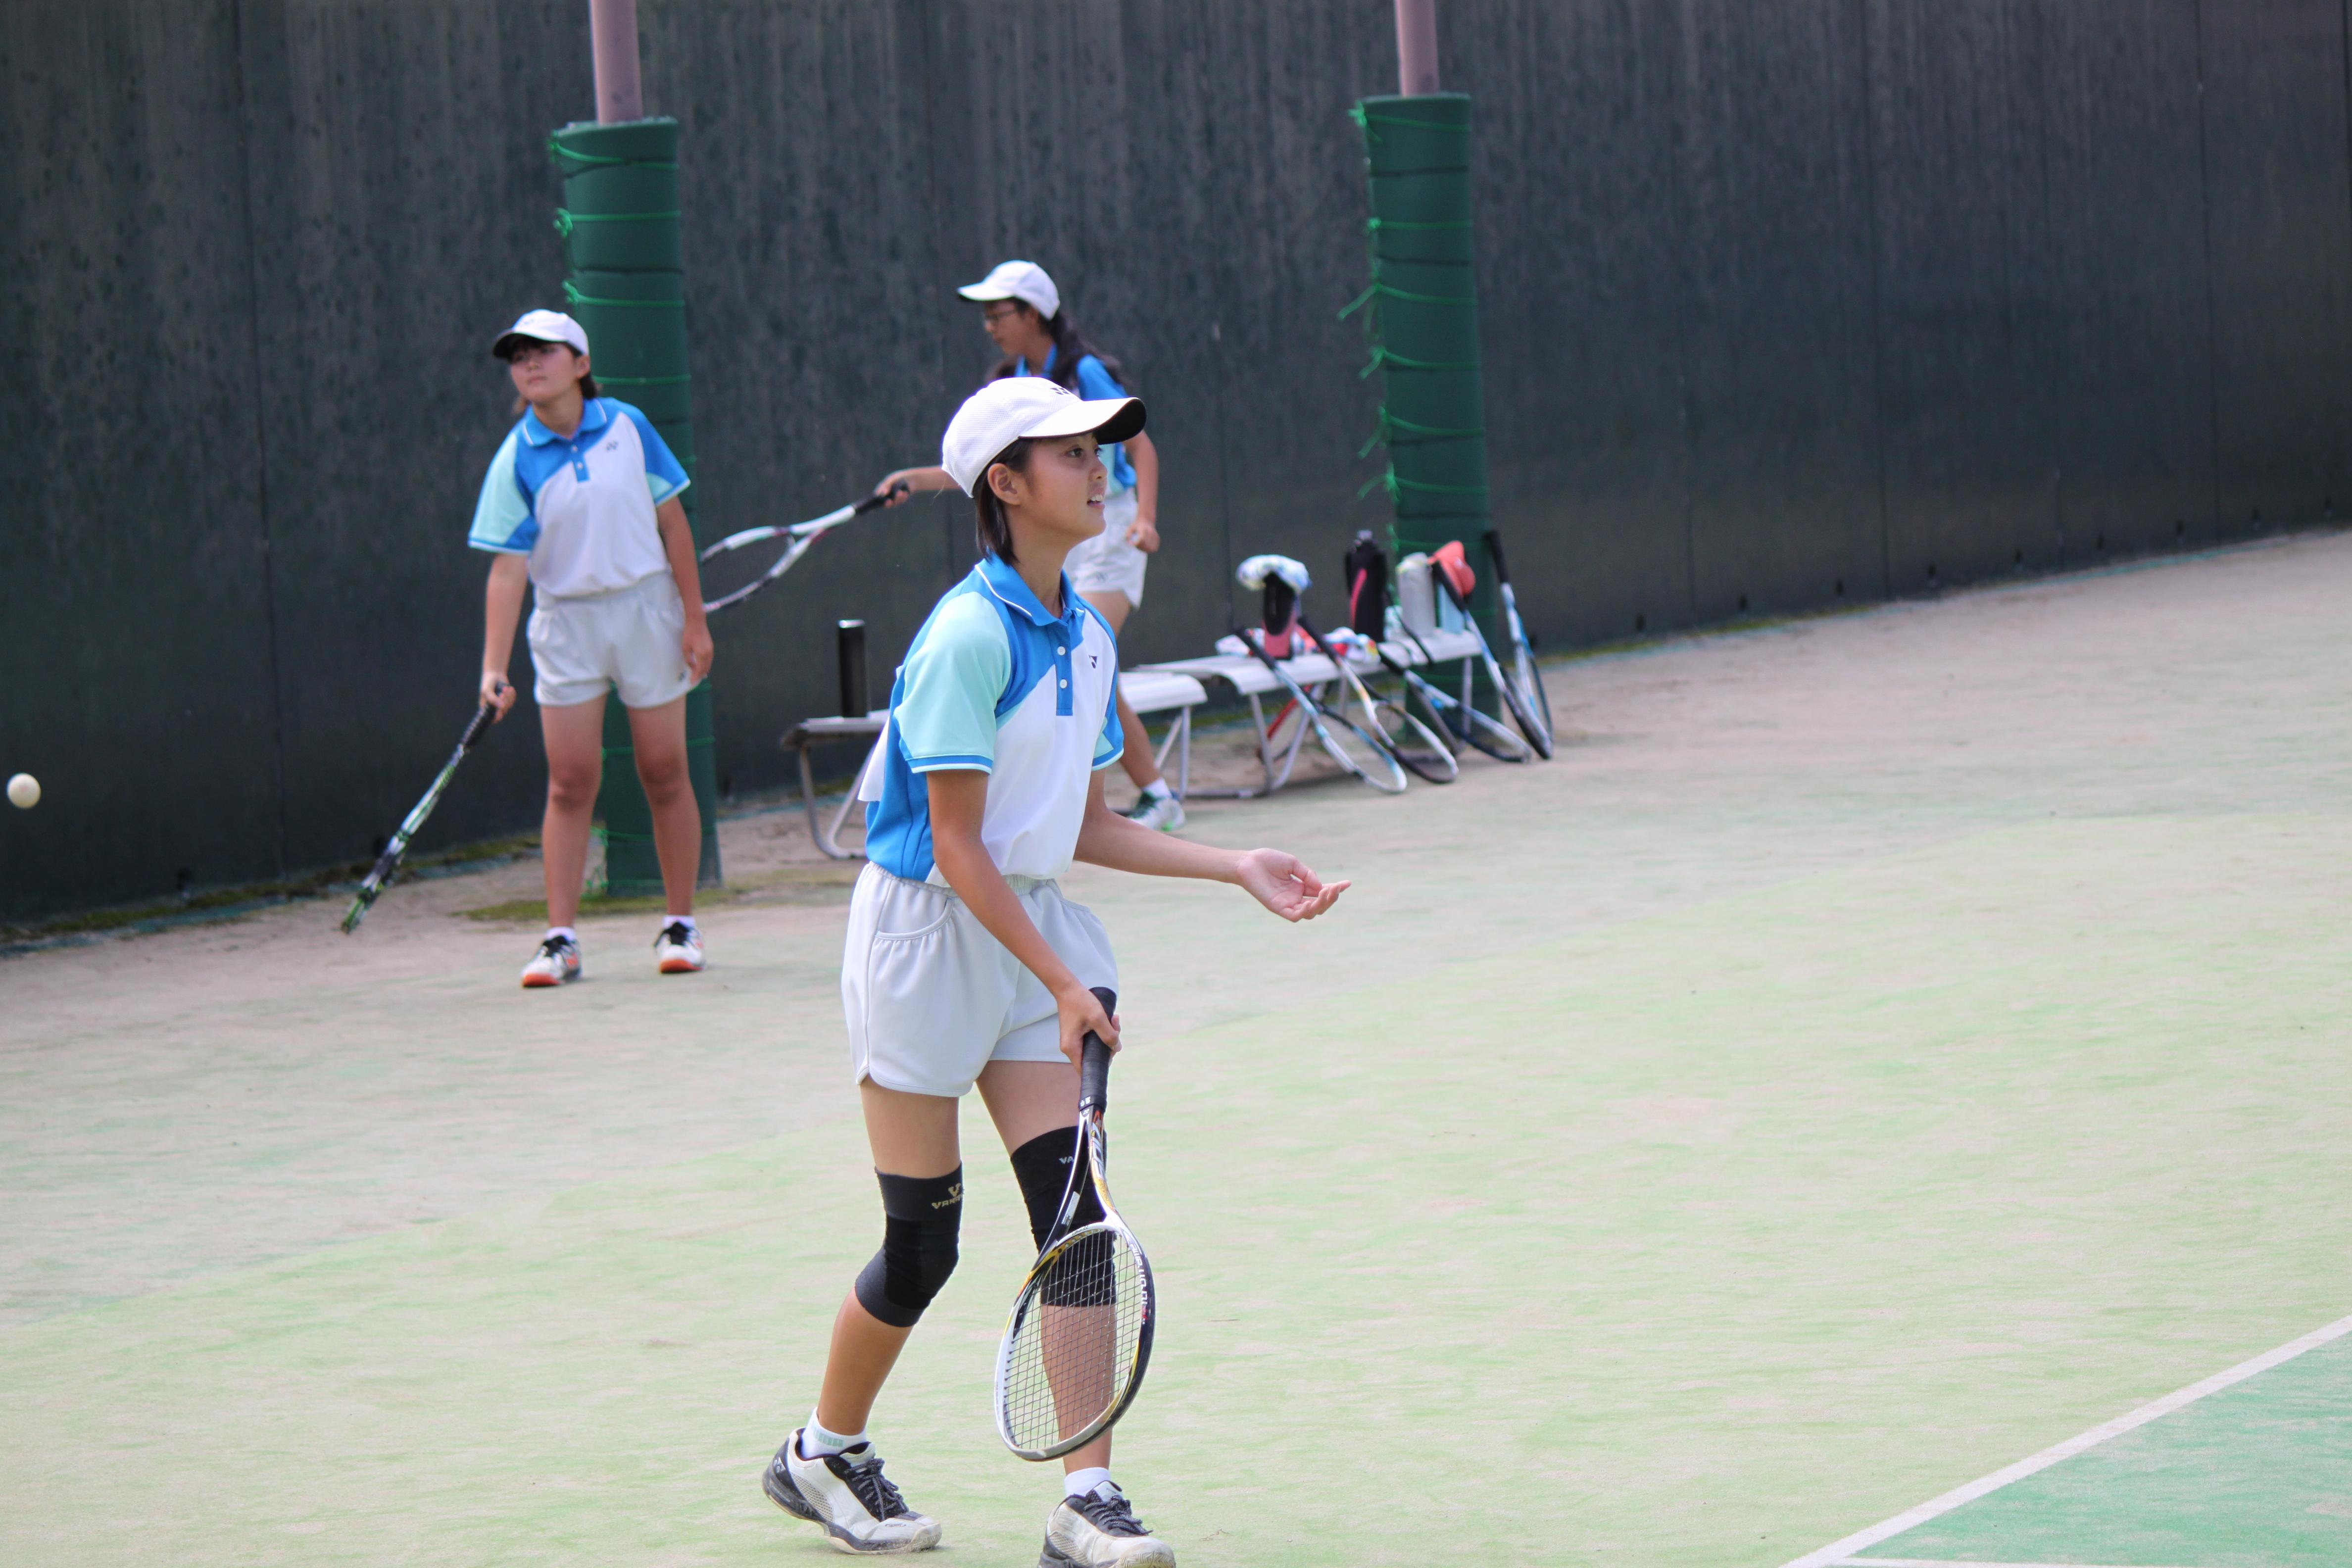 ソフトテニス(572)